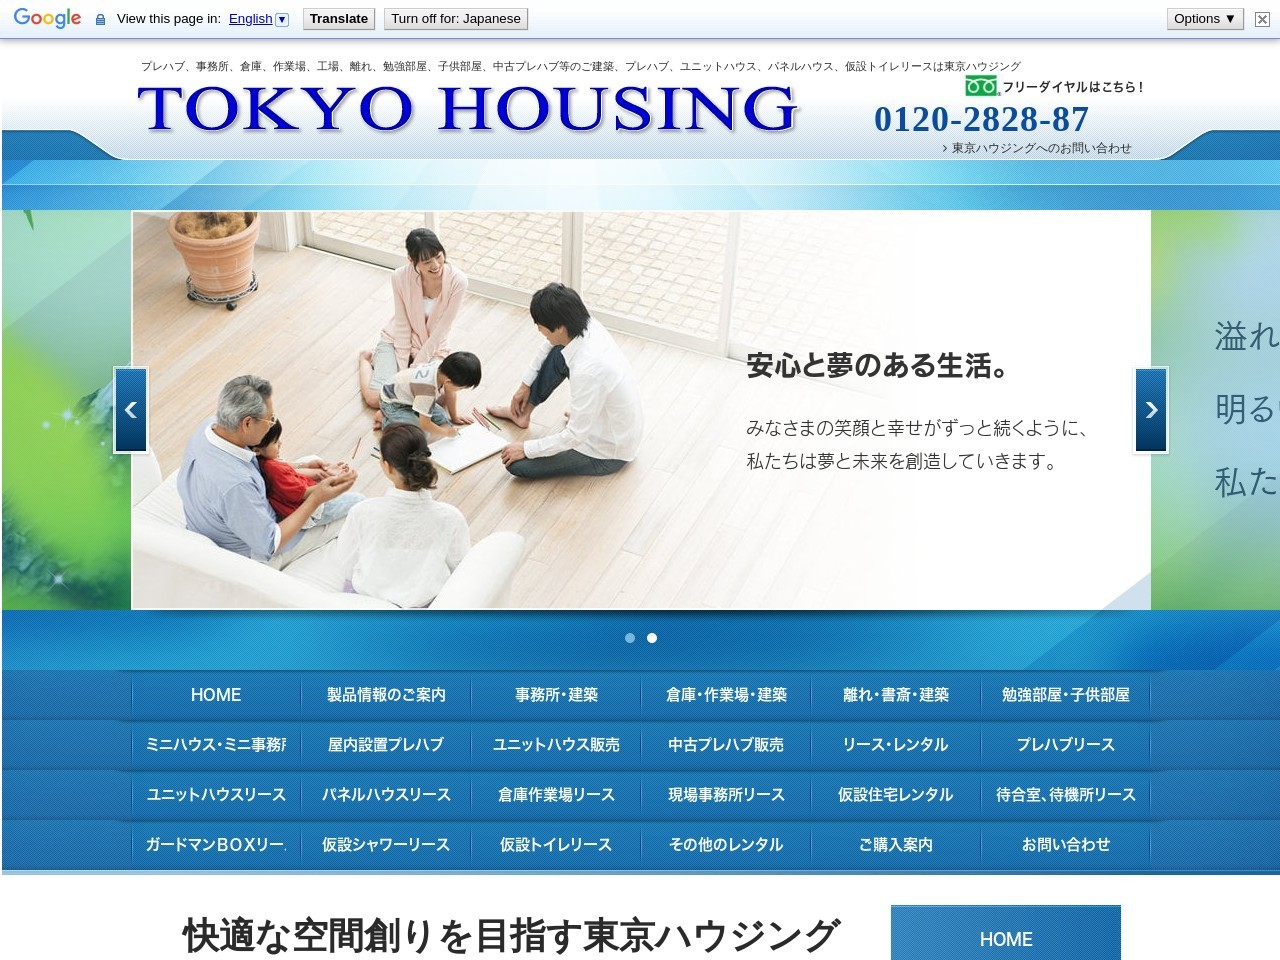 東京ハウジング株式会社